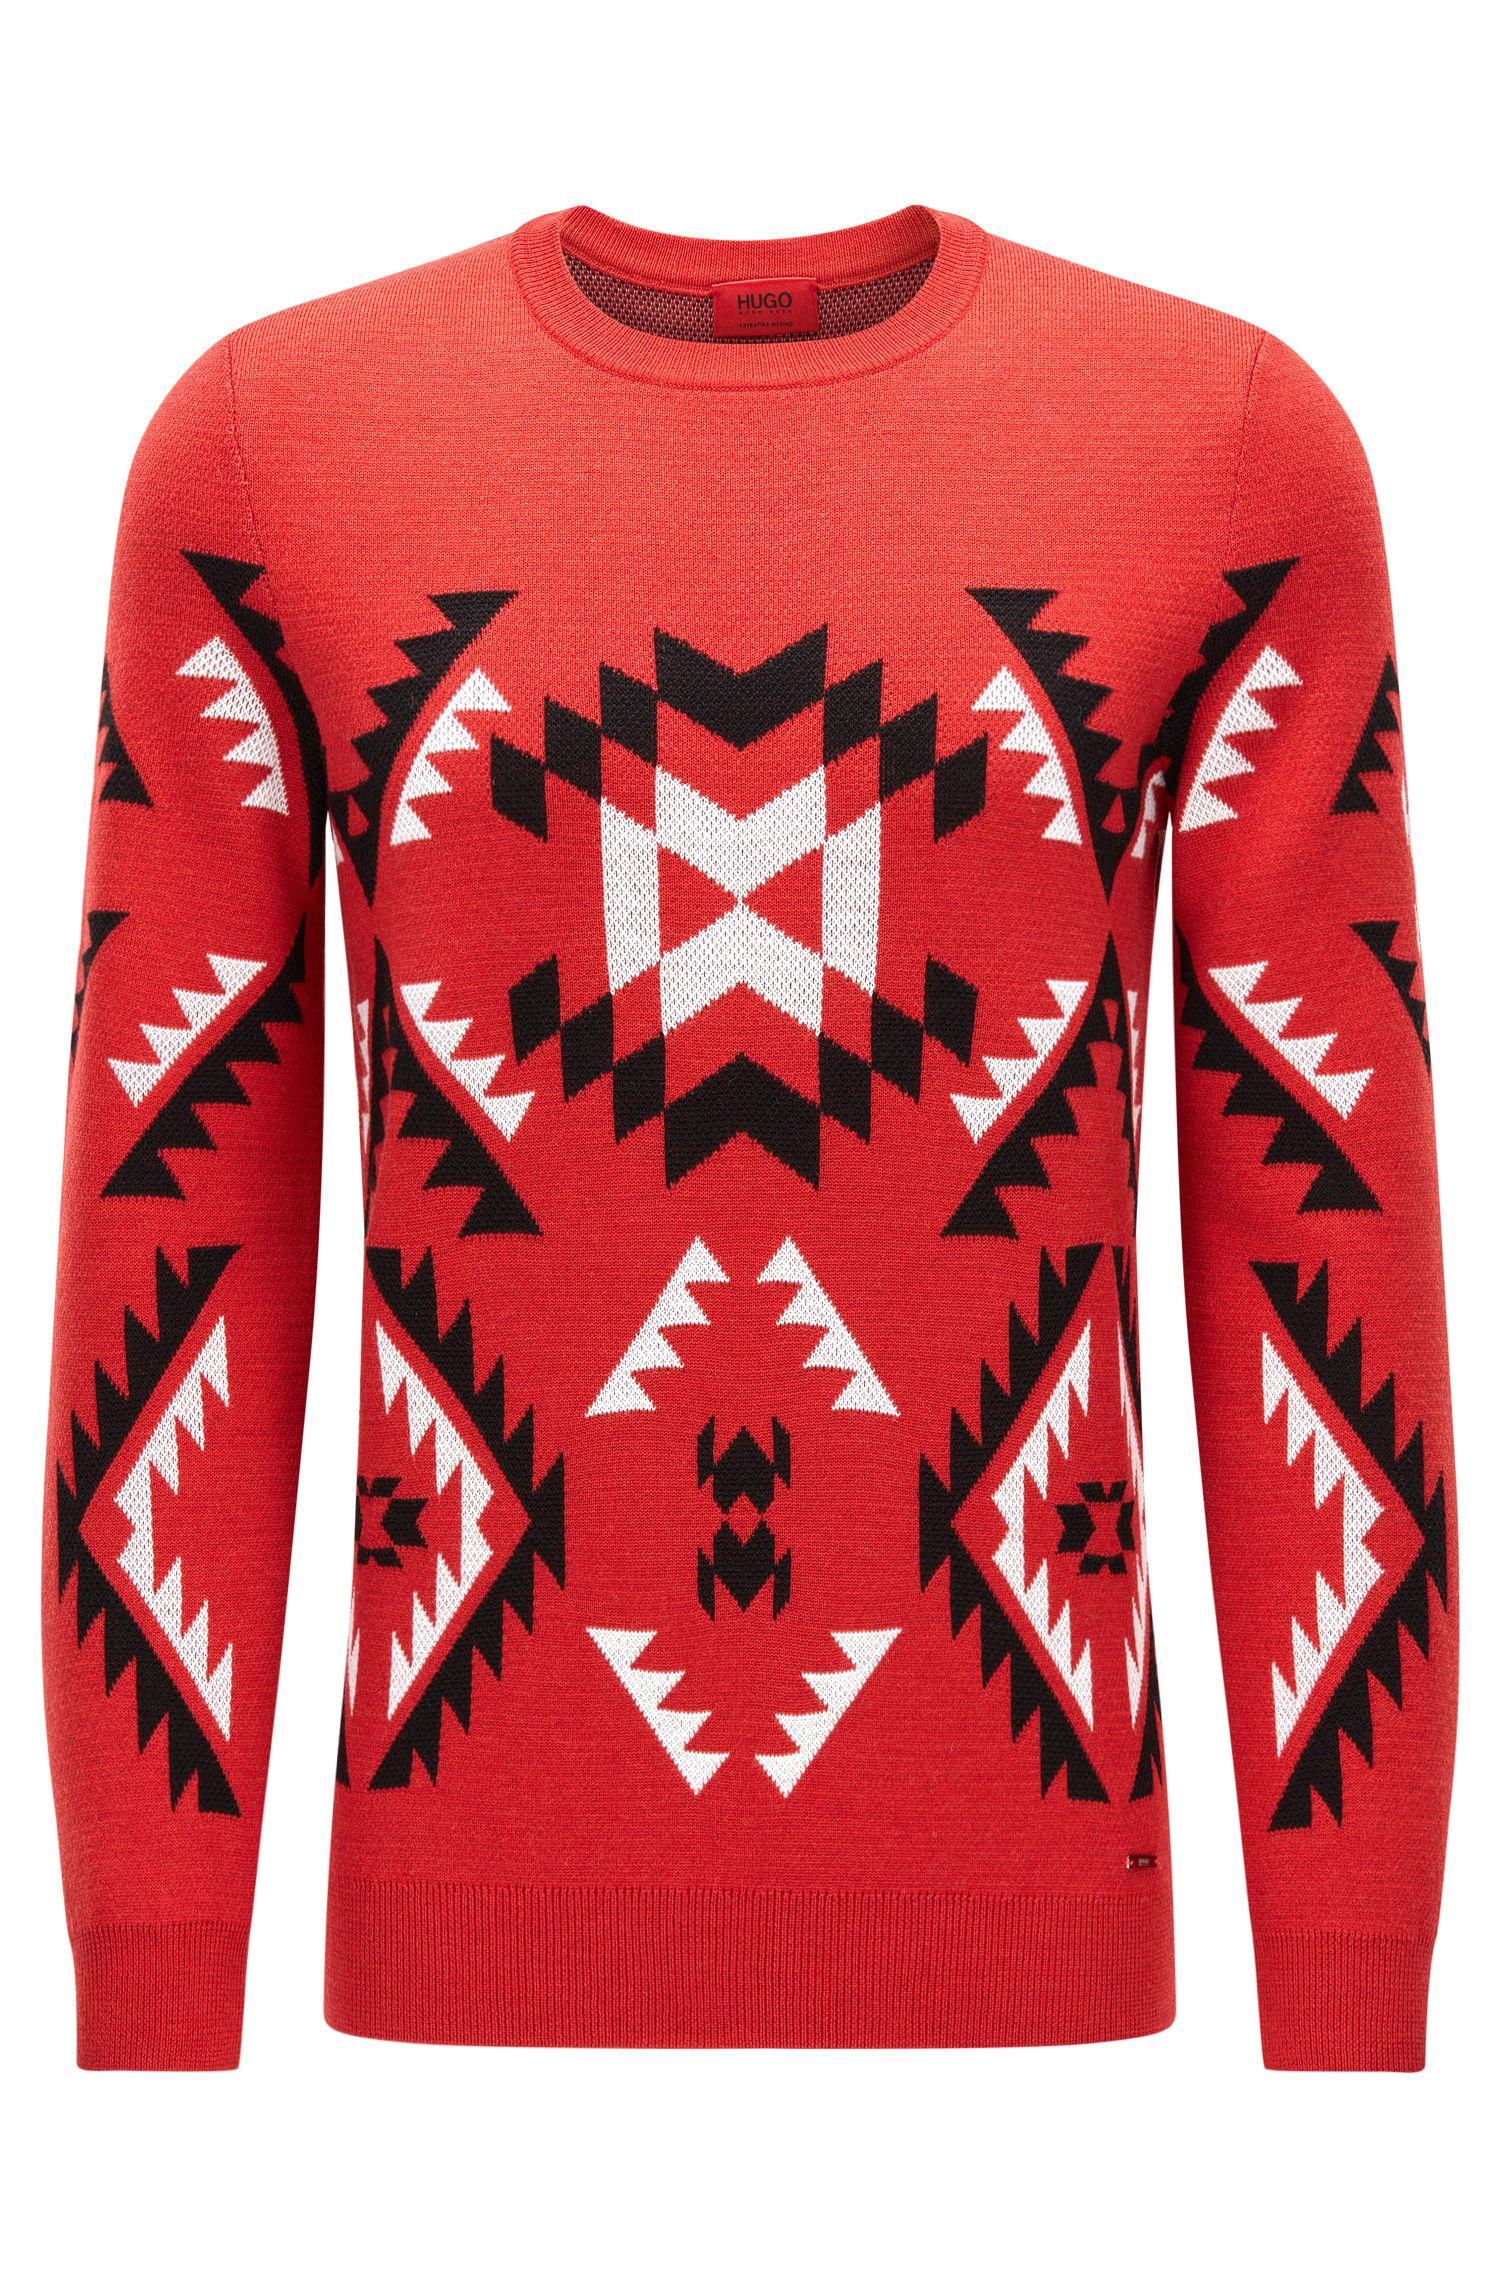 'Smaxi' | Geometric Print Virgin Wool Sweater